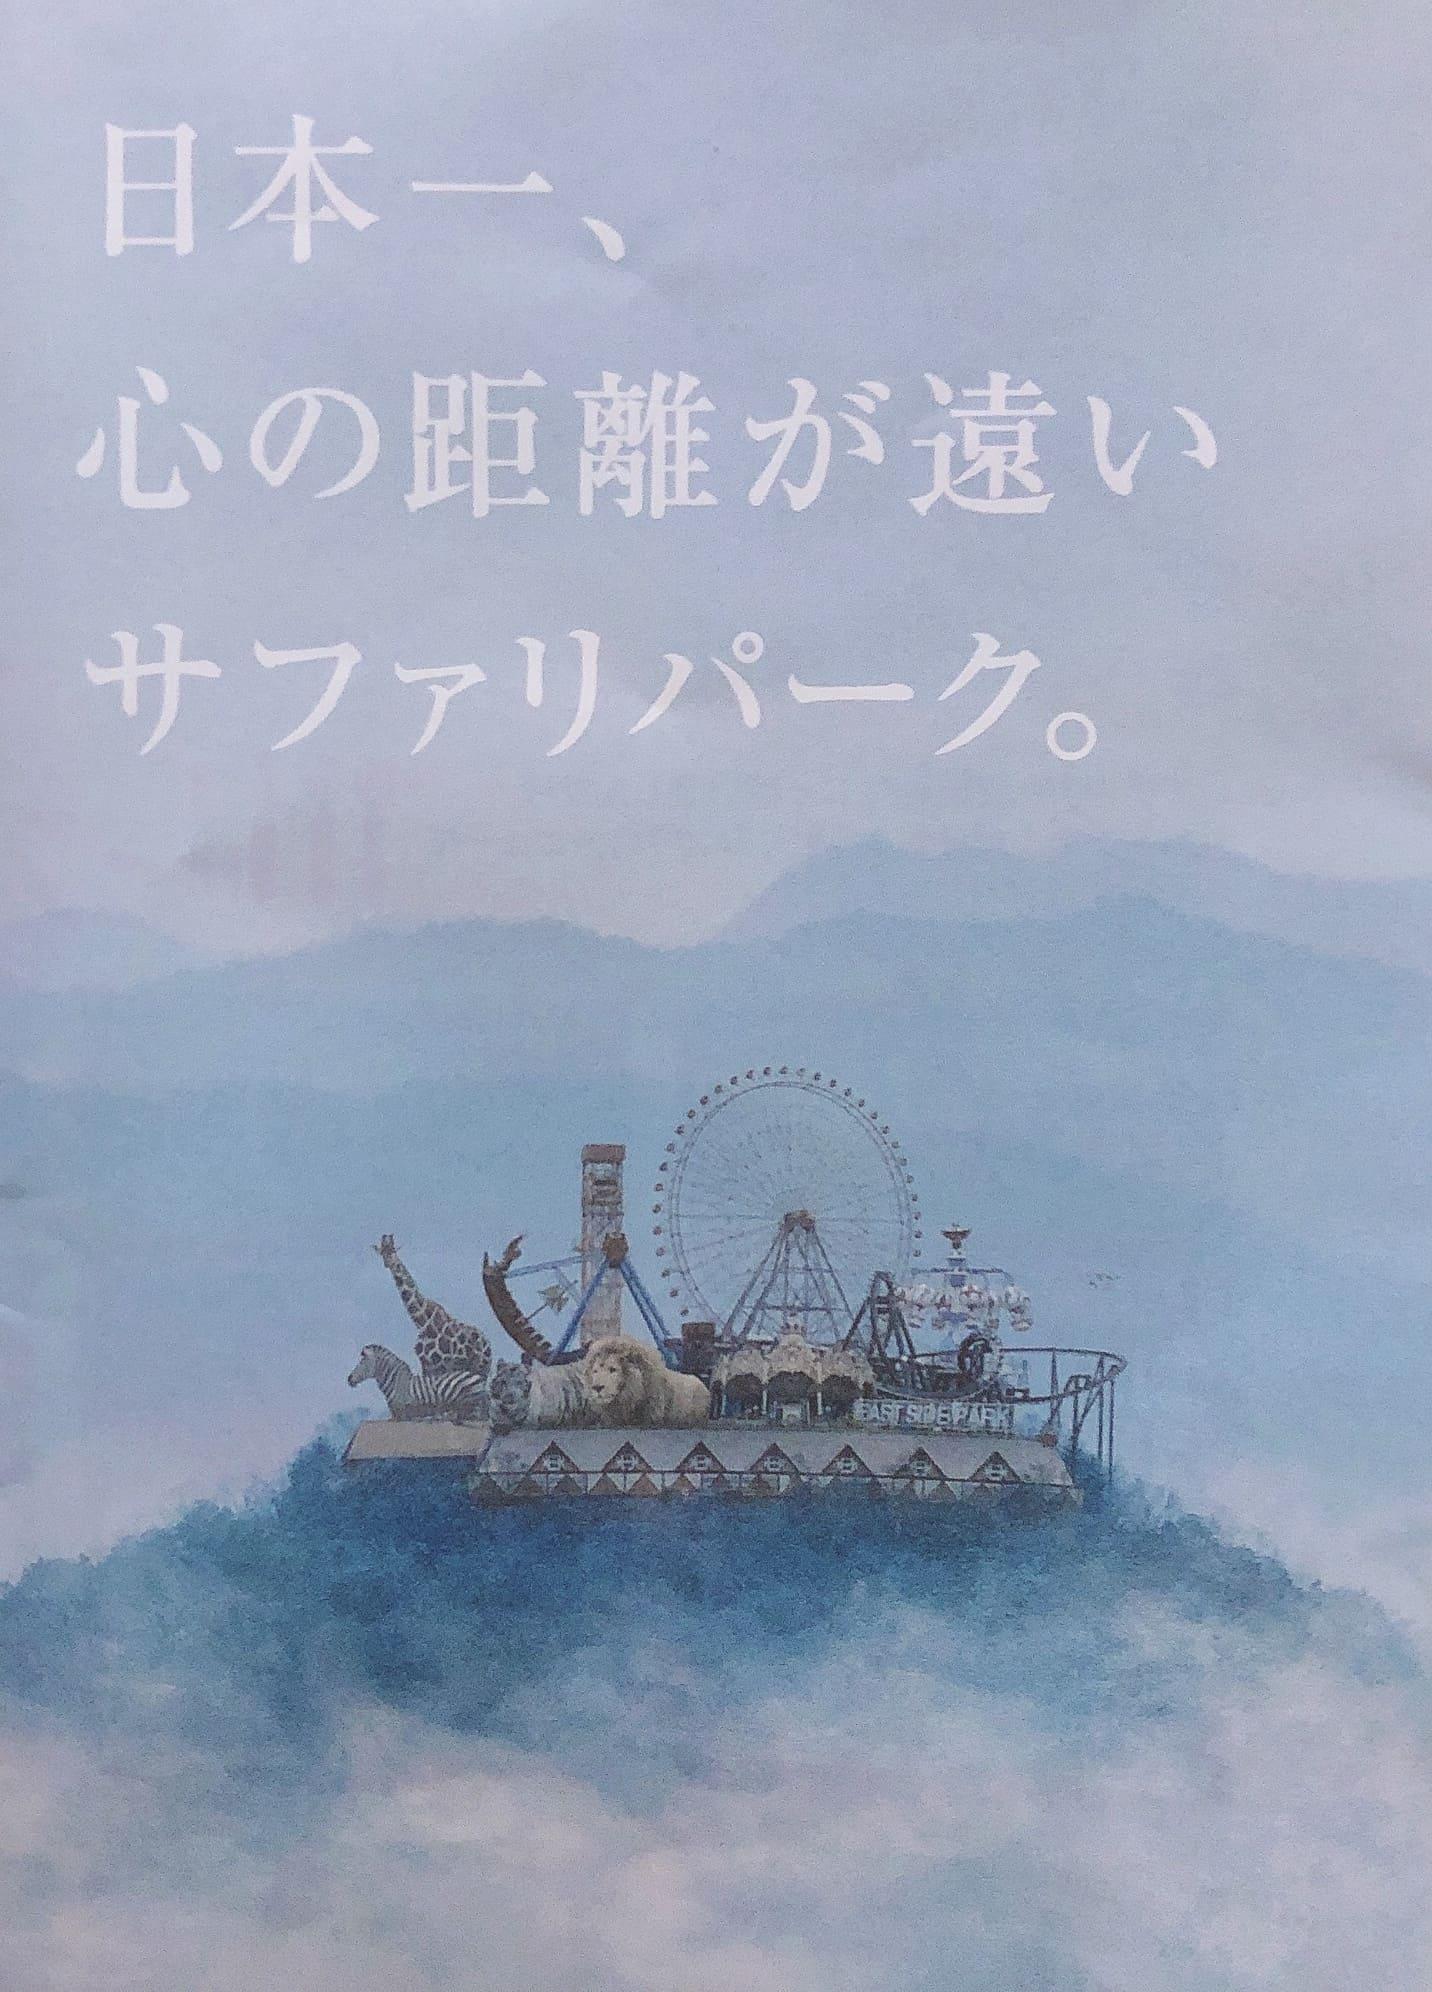 日本一、心の距離が遠いサファリパーク